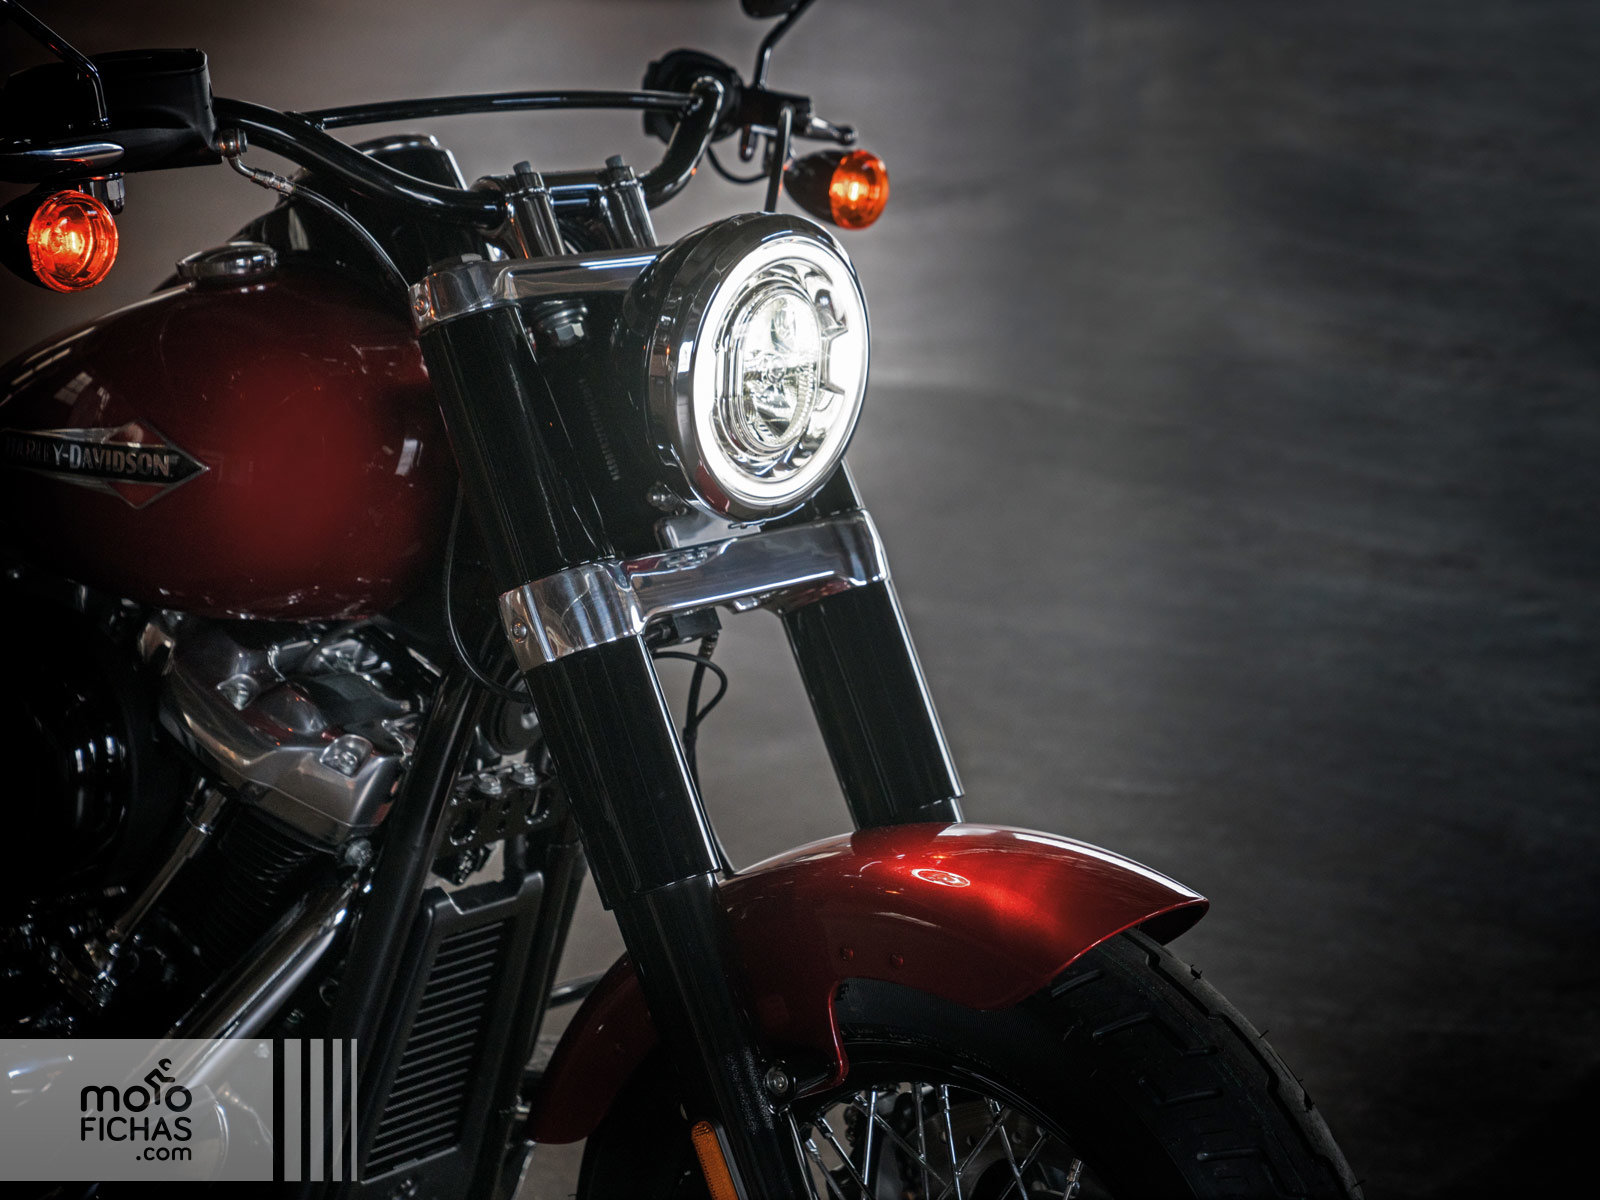 Harley Davidson Softail Slim 2018 2020 Precio Ficha Opiniones Y Ofertas